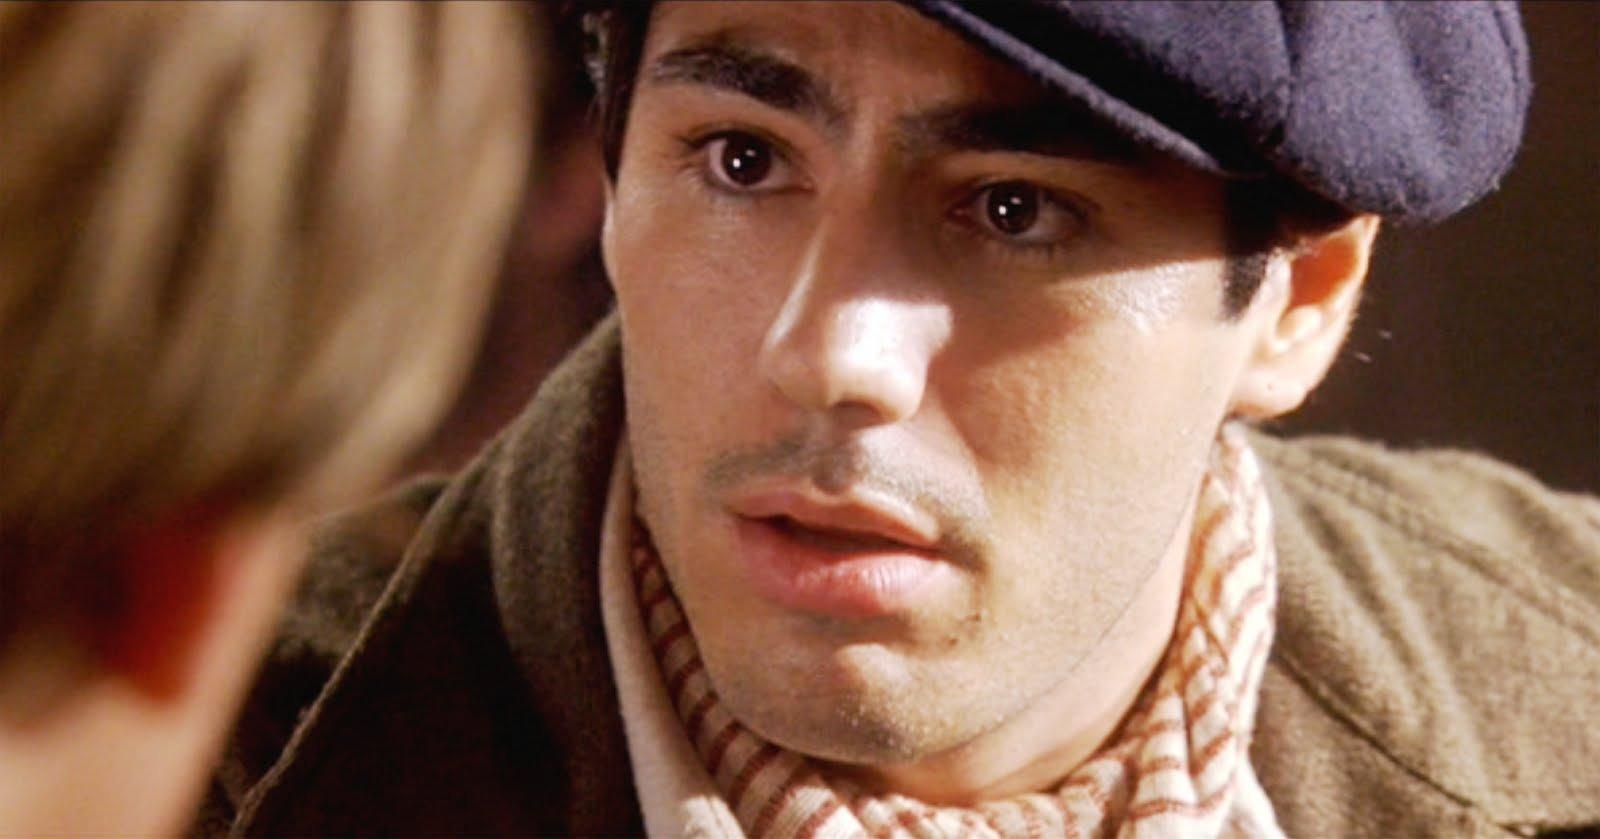 """Fabrizio fabrizio 33371753 1600 839 - Danny Nucci interpretó el papel del mejor amigo de Jack Dawson en """"Titanic"""" y ahora luce espectacular"""